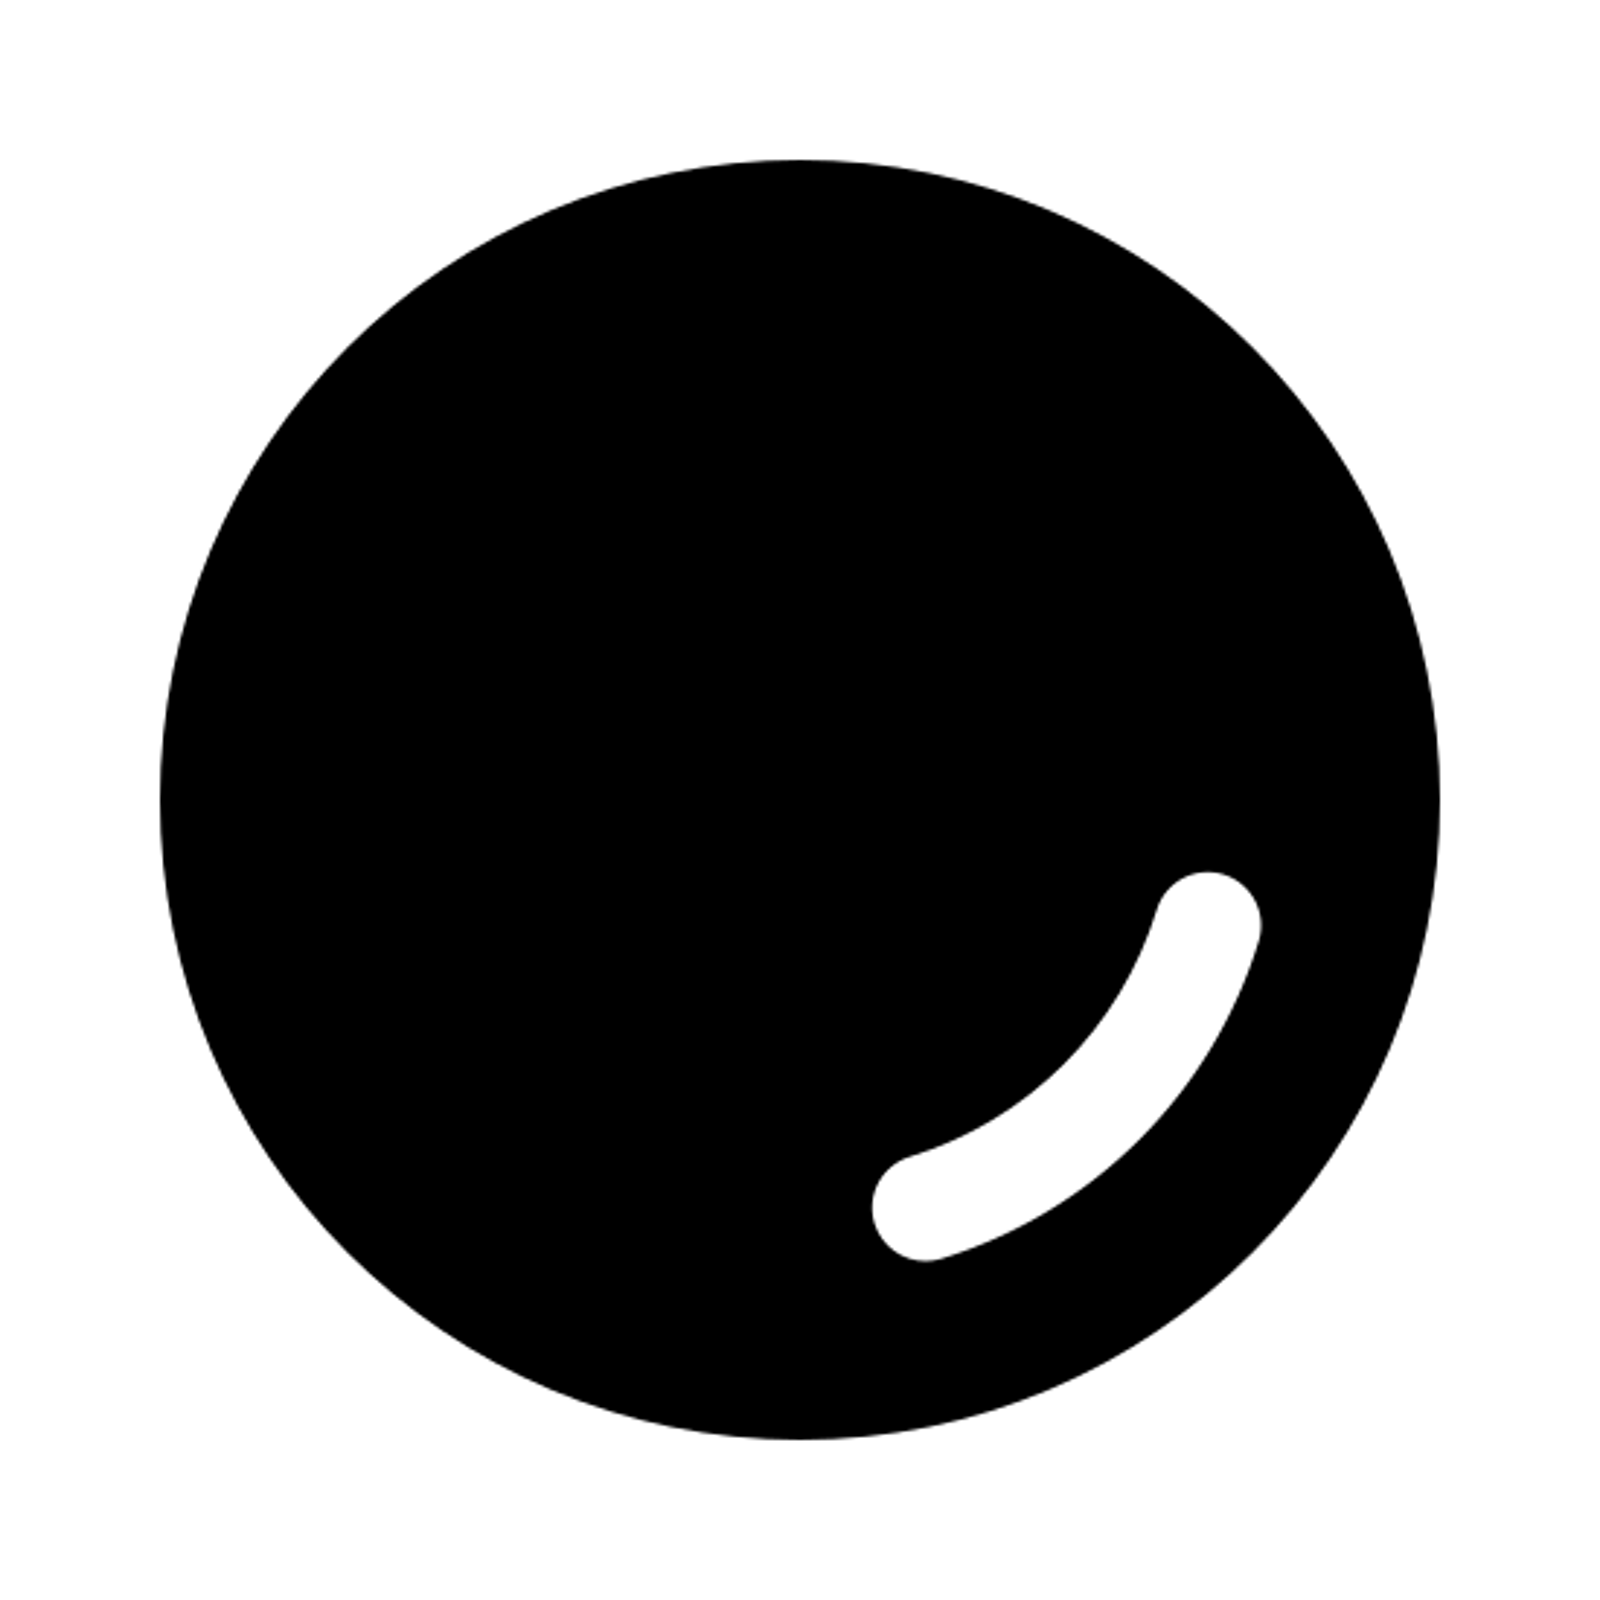 球 icon